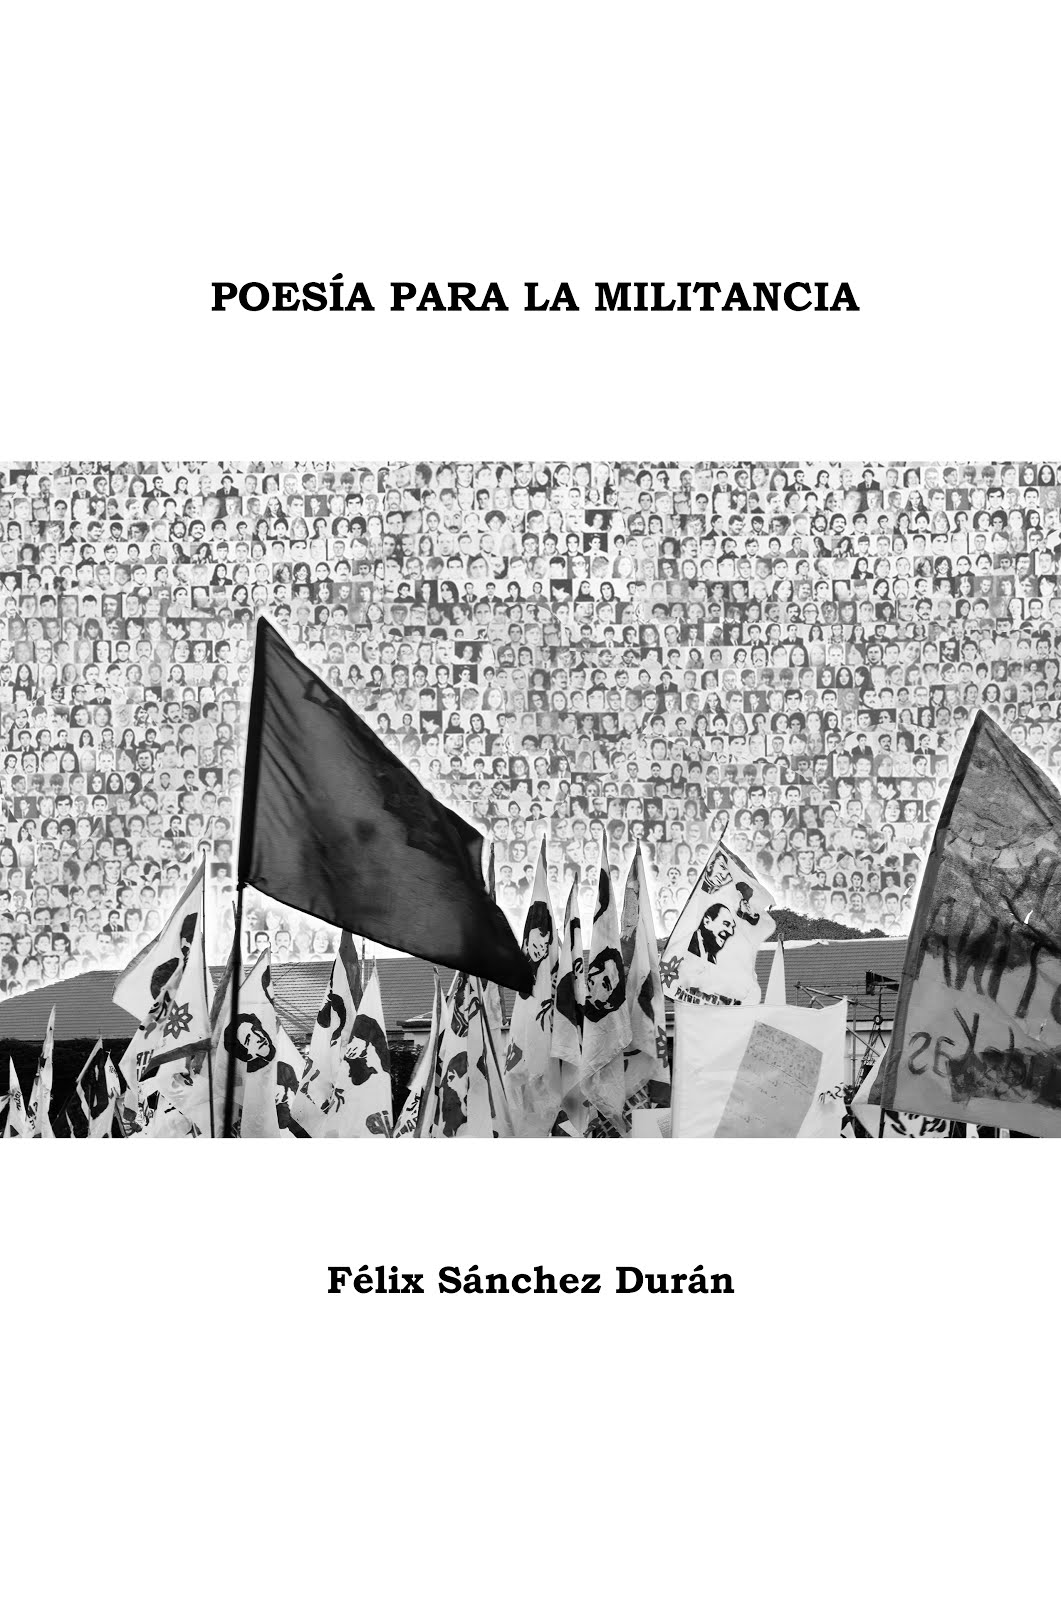 Poesía para la Militancia - Libro (epub), en Scribd...